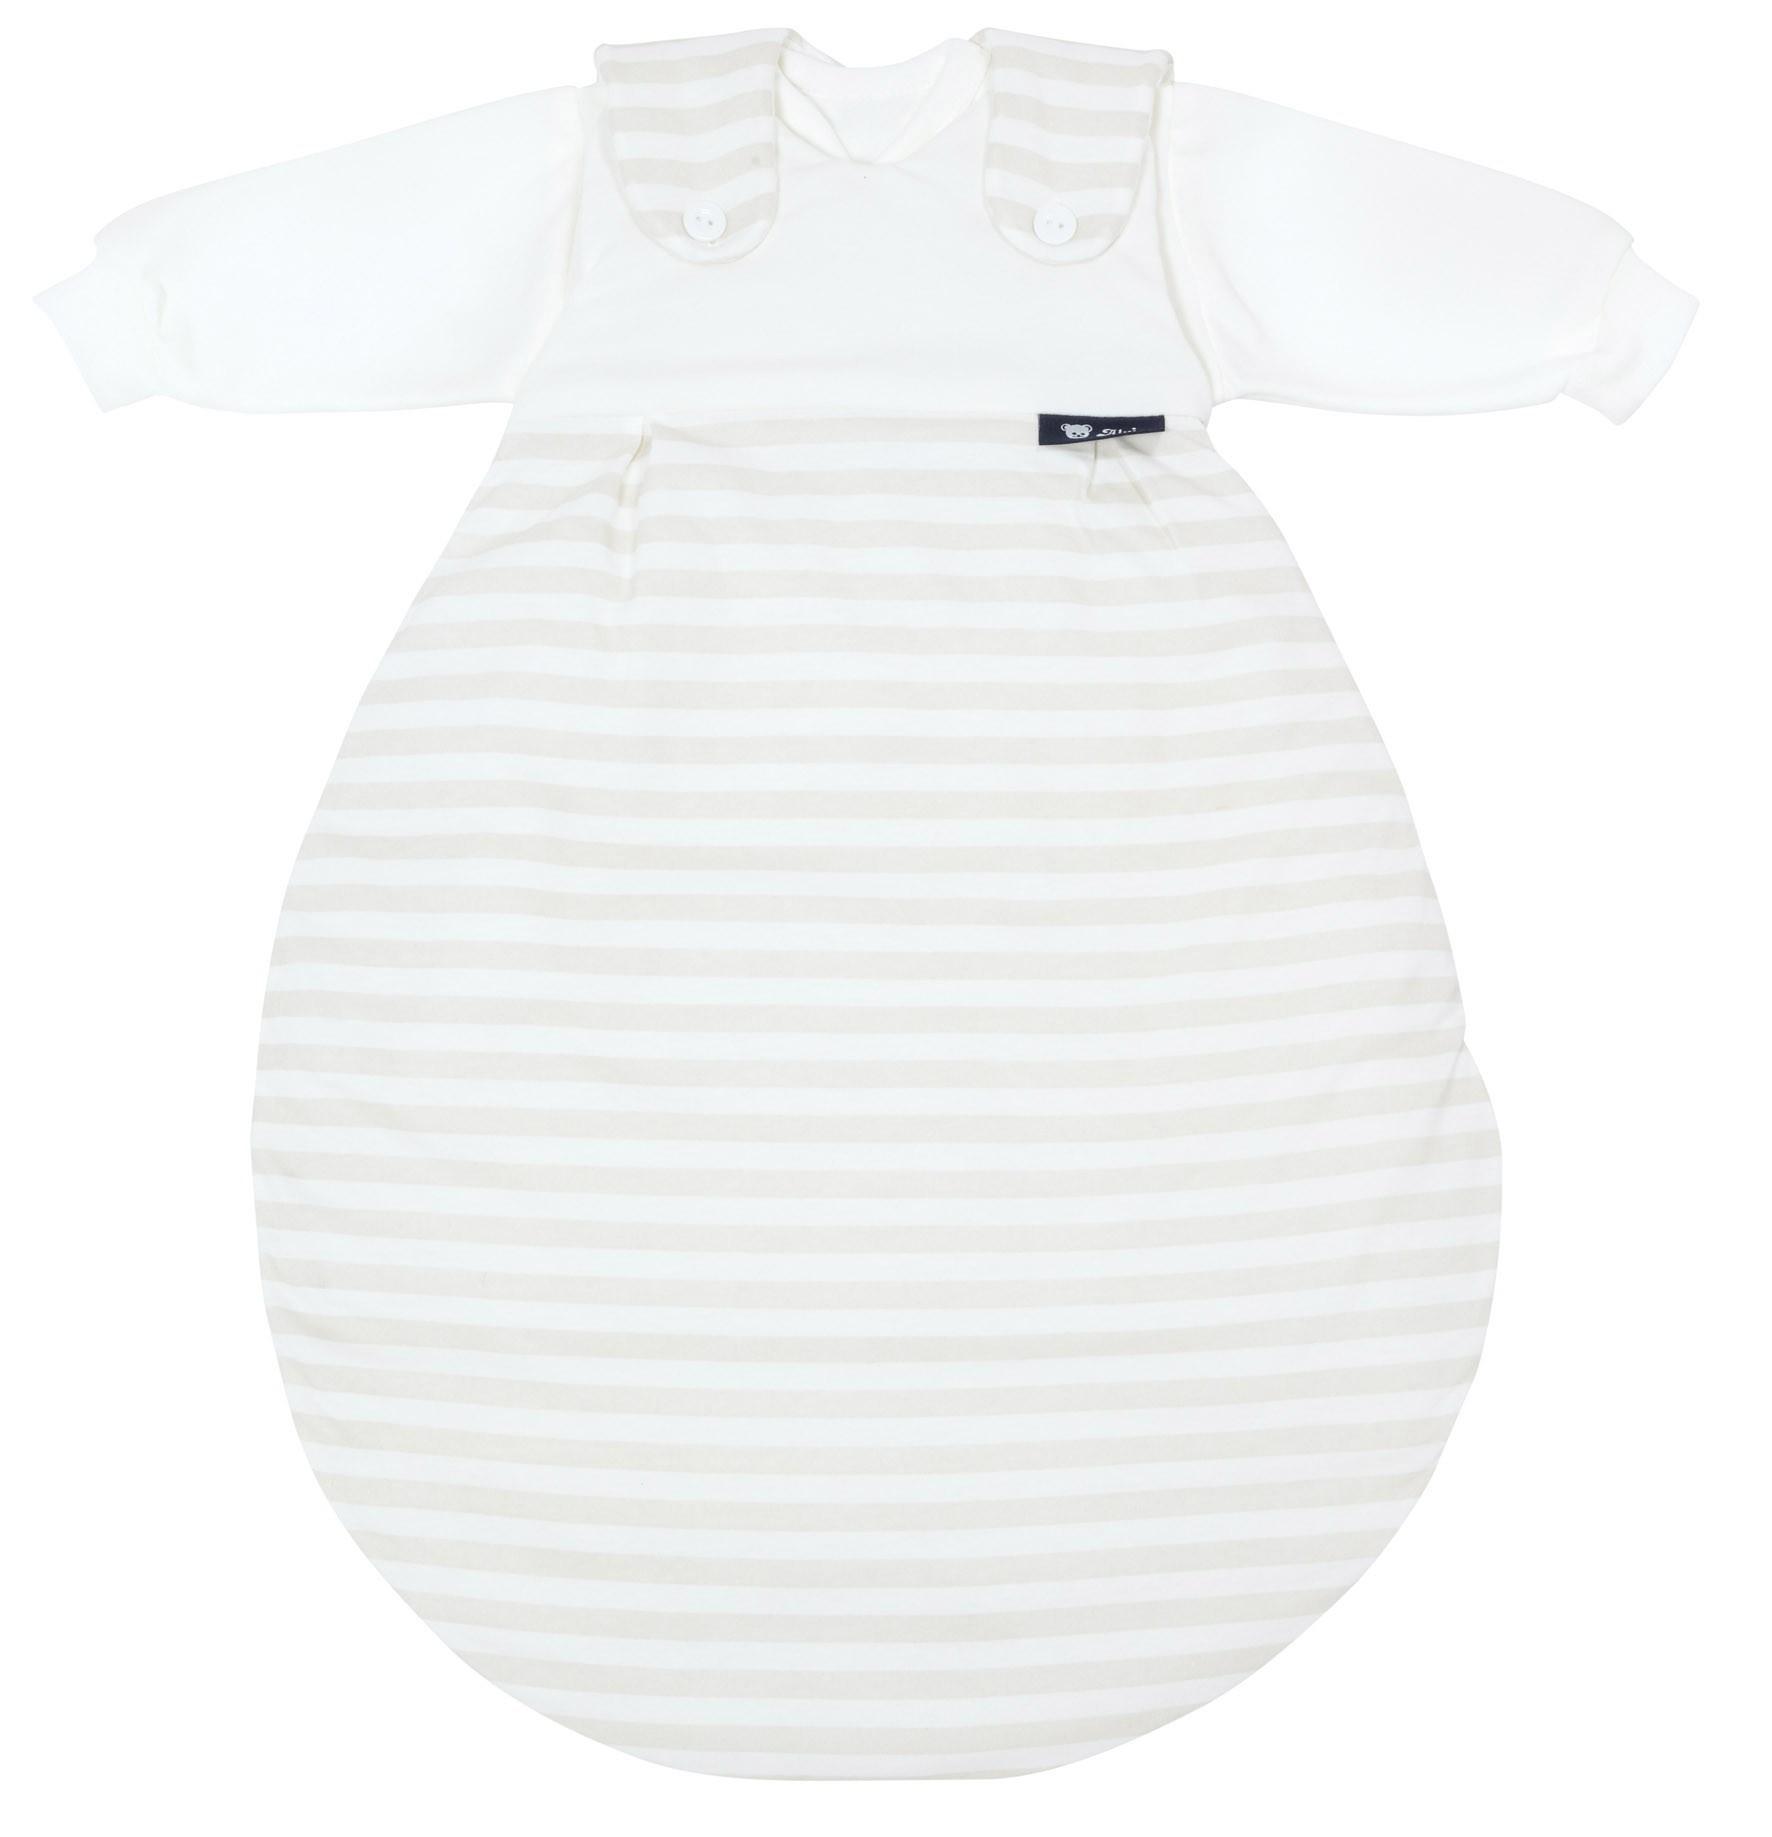 Alvi Baby Mäxchen Schlafsack 80/86 117-6